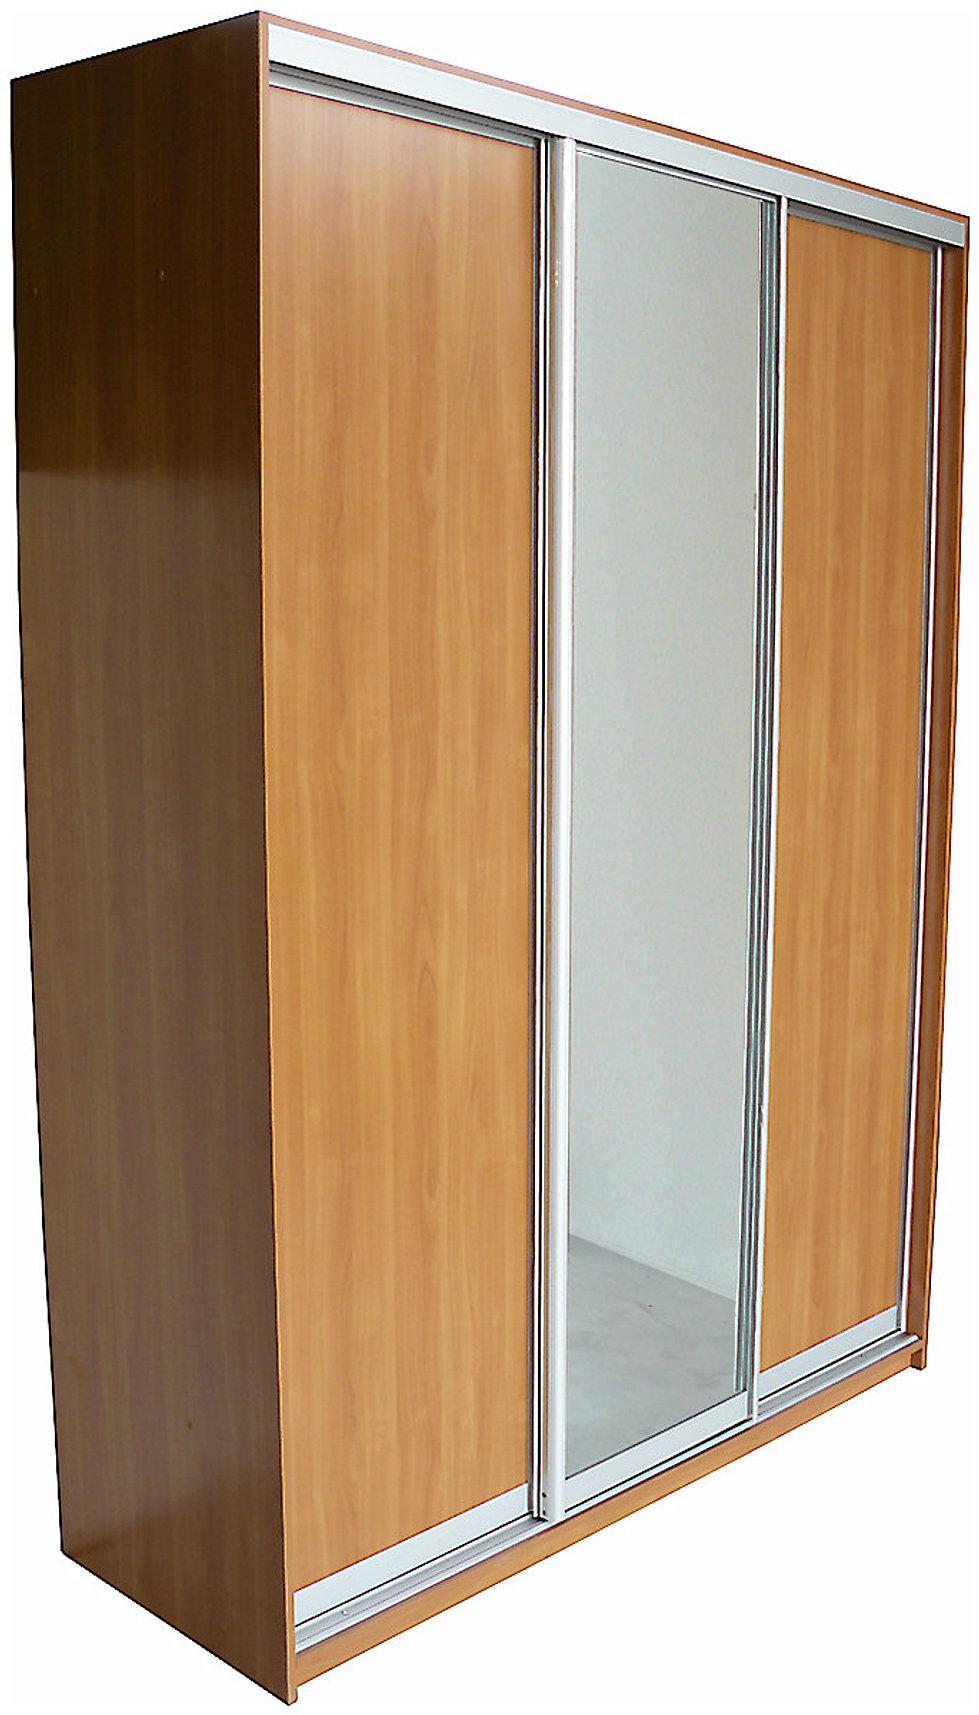 Шкаф купе на заказ в электростали мебель для спальни.